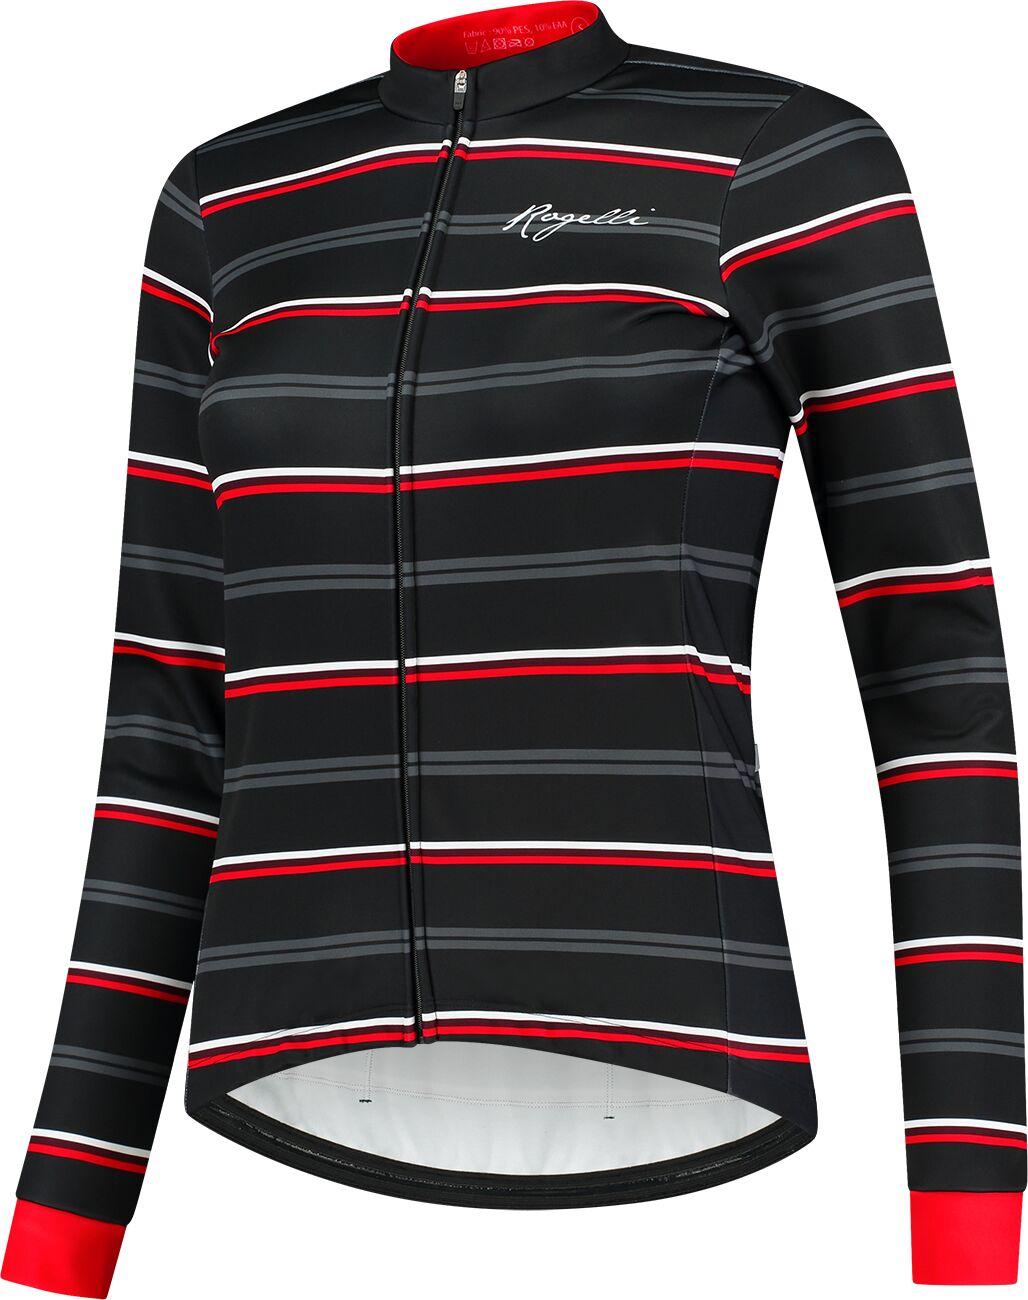 ROGELLI zimowa kurtka rowerowa damska STRIPE black/red ROG351086 Rozmiar: 2XL,ROG351086.XS